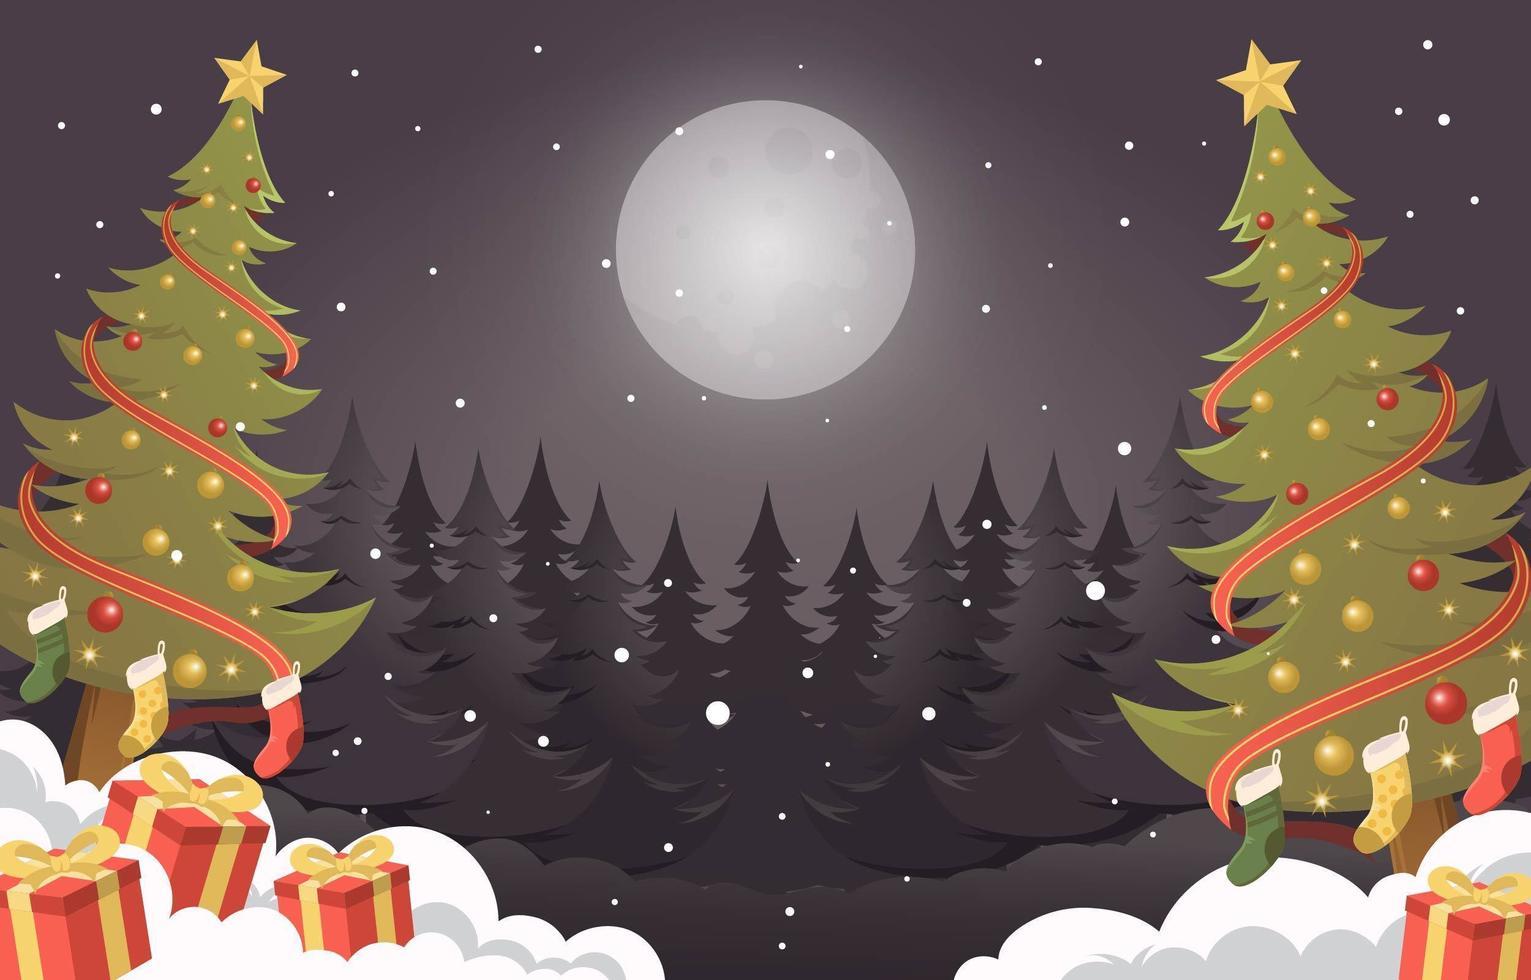 une nuit de Noël blanche avec des cadeaux et des arbres à feuilles persistantes vecteur